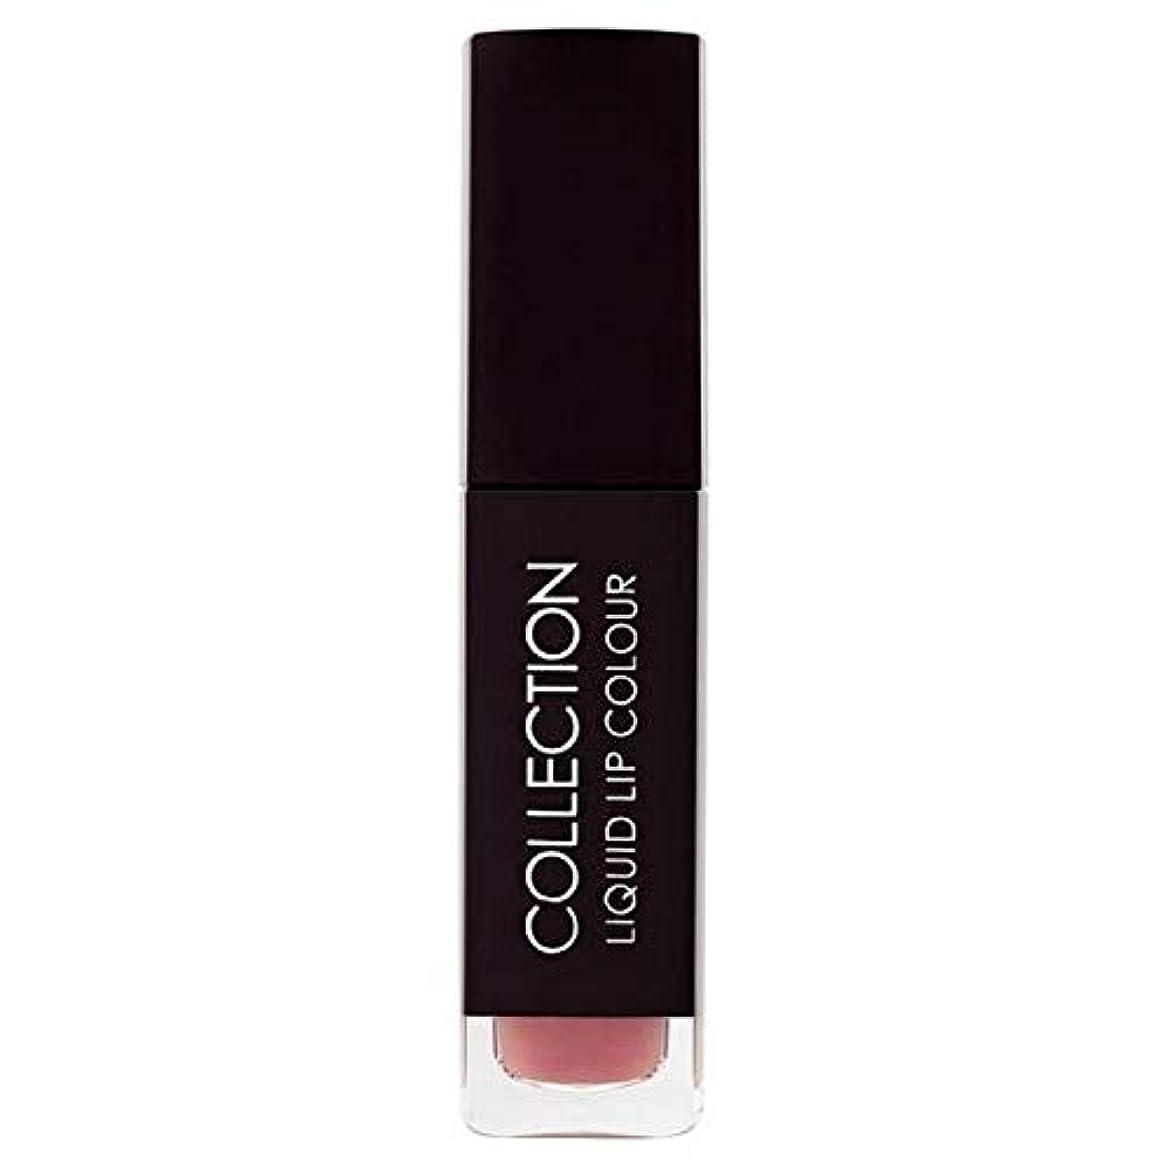 ルール定刻バラ色[Collection ] 収集液体リップカラー5ミリリットルヌードタフィー6 - Collection Liquid Lip Colour 5ml Nude Toffee 6 [並行輸入品]